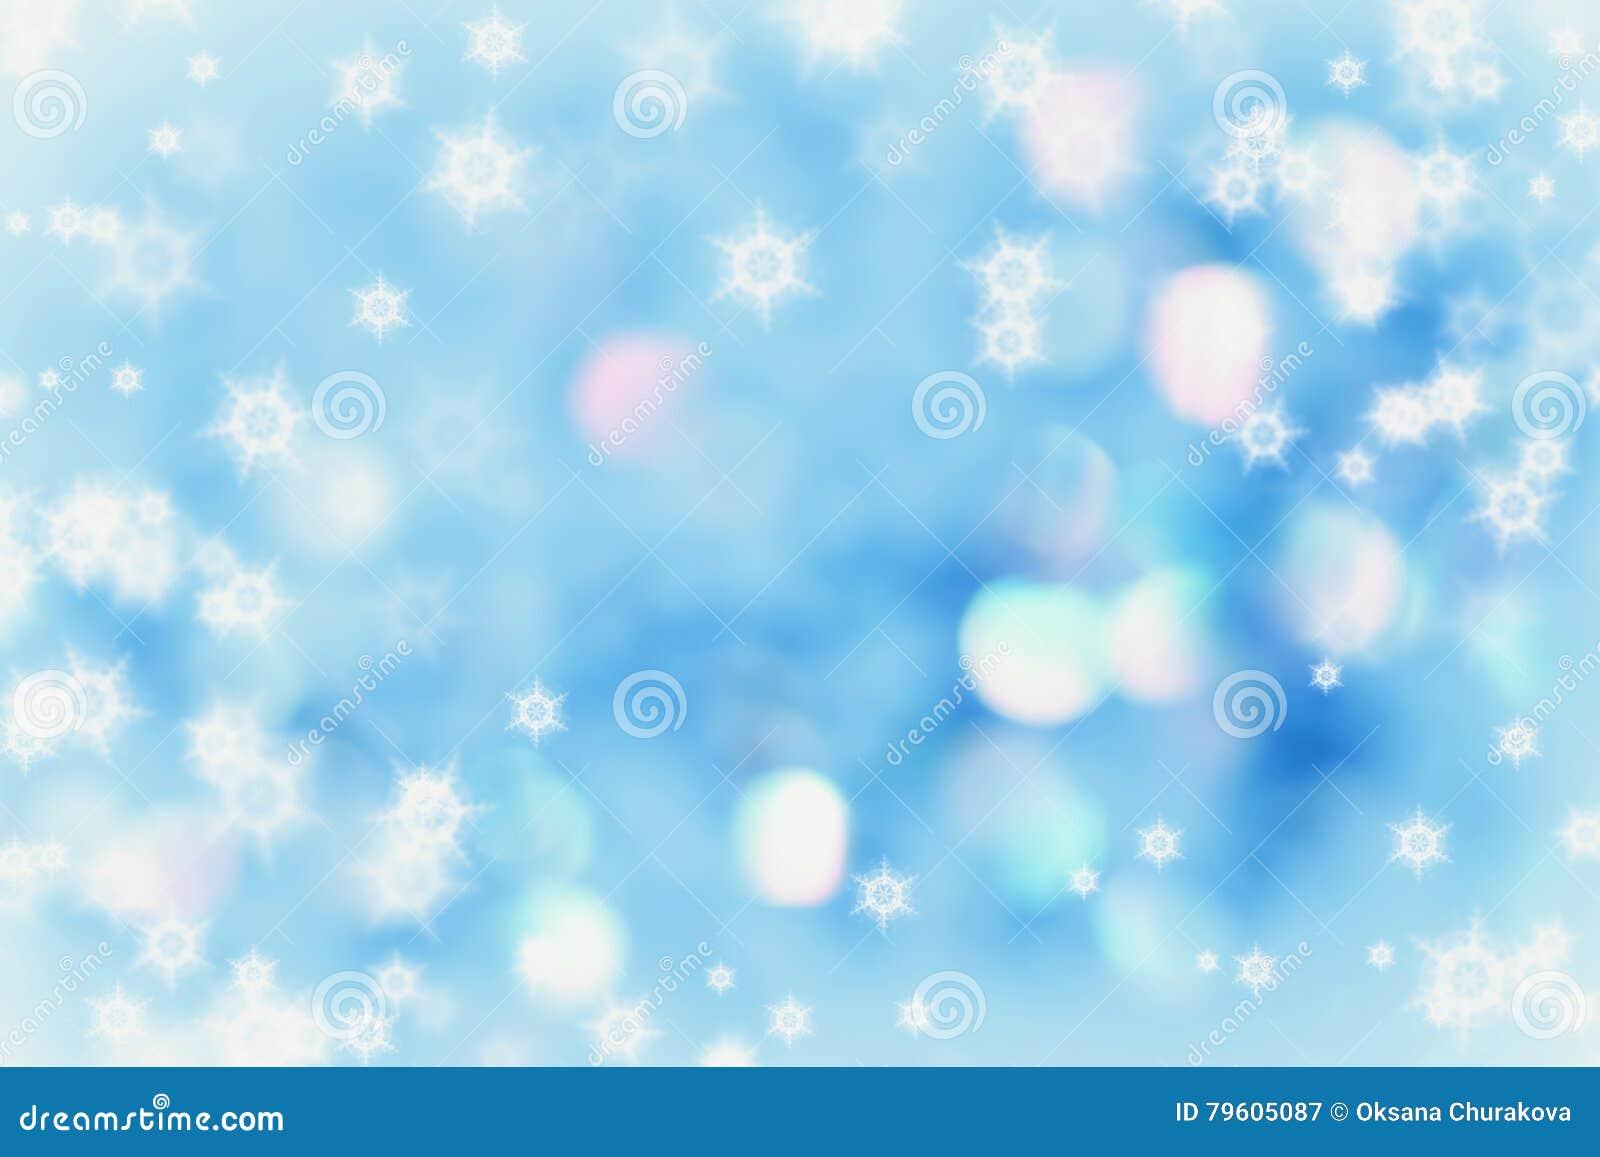 Fundo do inverno do Natal com flocos de neve bonitos